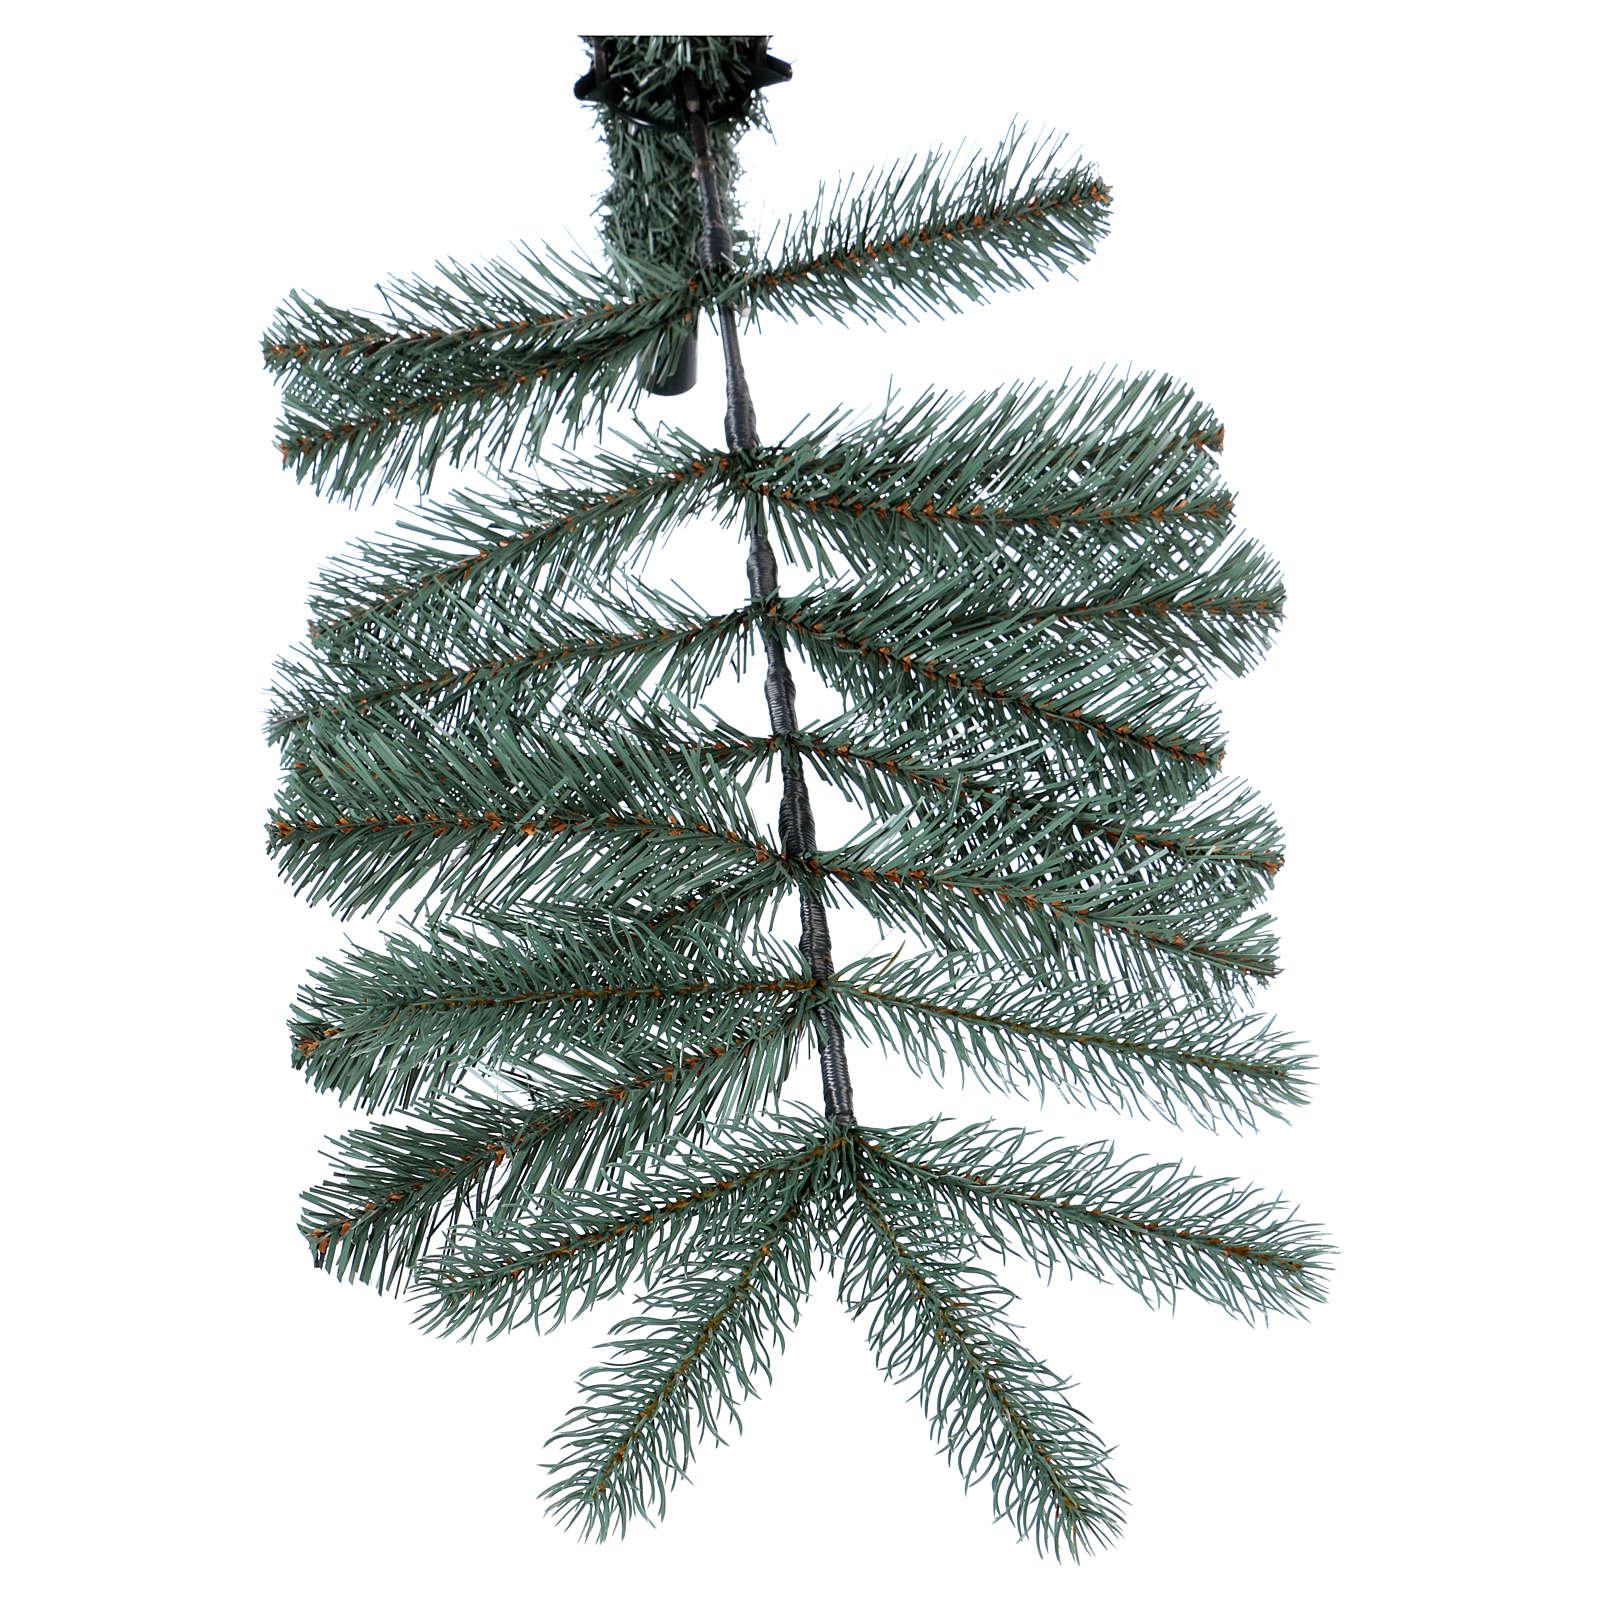 Albero di Natale 195 cm verde Poly Downswept Douglas 3